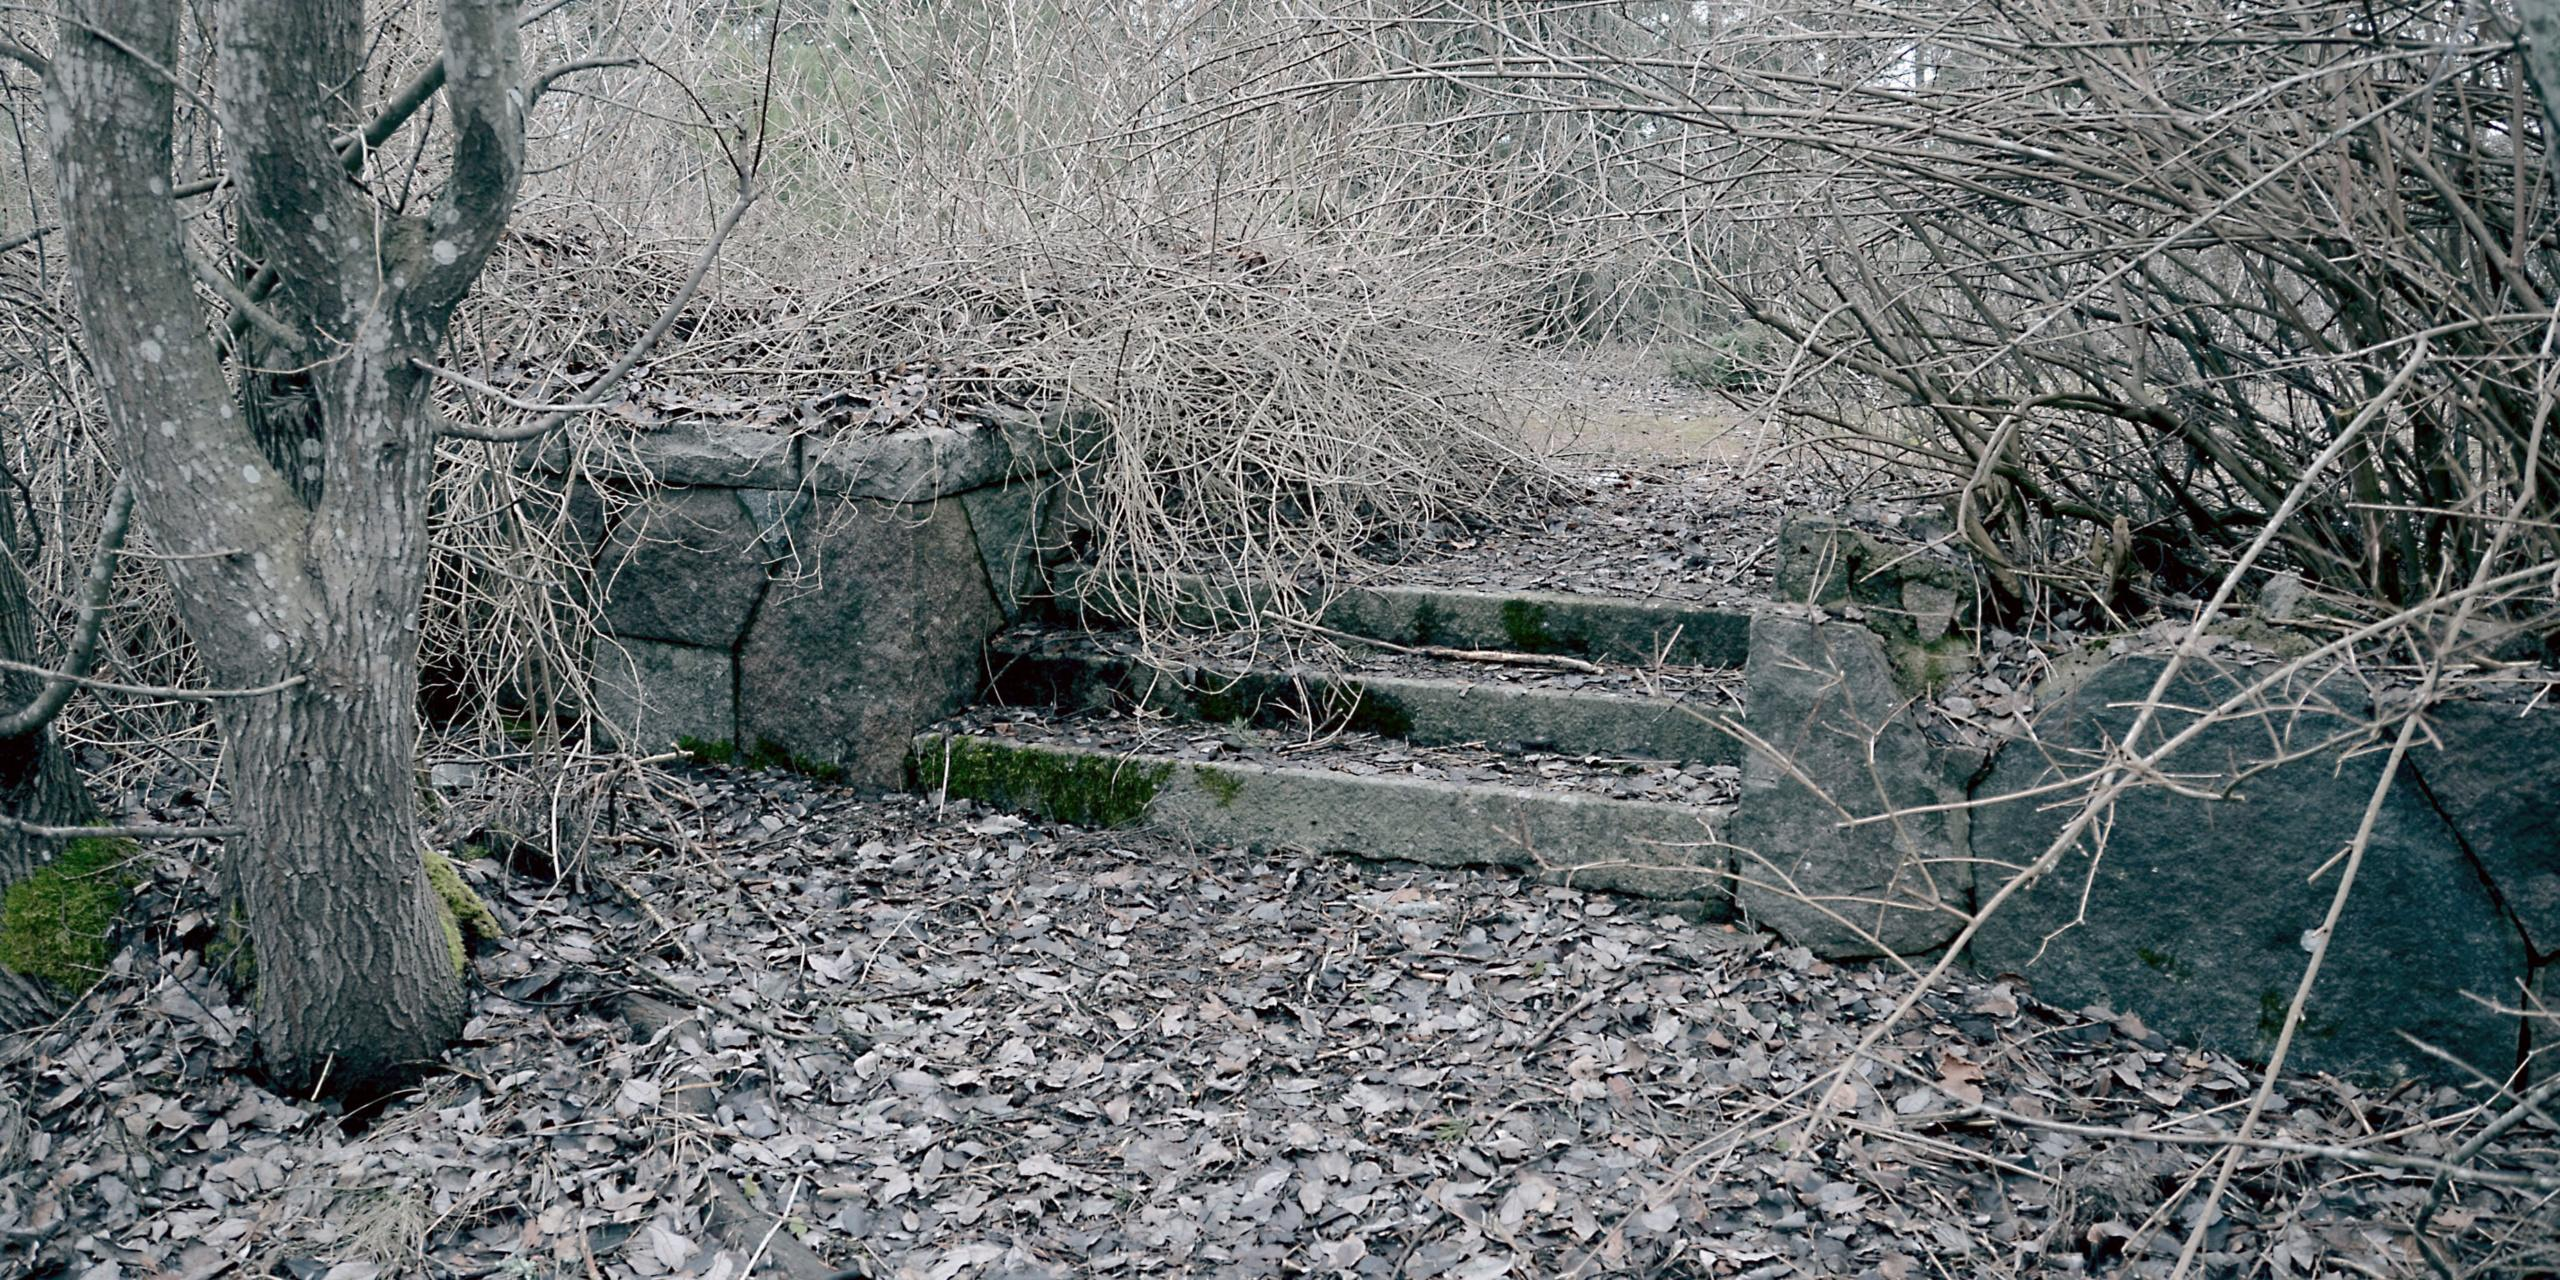 Kasvillisuuden peittoon jääneet vanha kivimuuri ja kivirappuset, luonnonkivet ovat sammaloituneet ja paikka näyttää unohdetulta. Varhain keväällä, maassa edellisen syksyn lehtiä